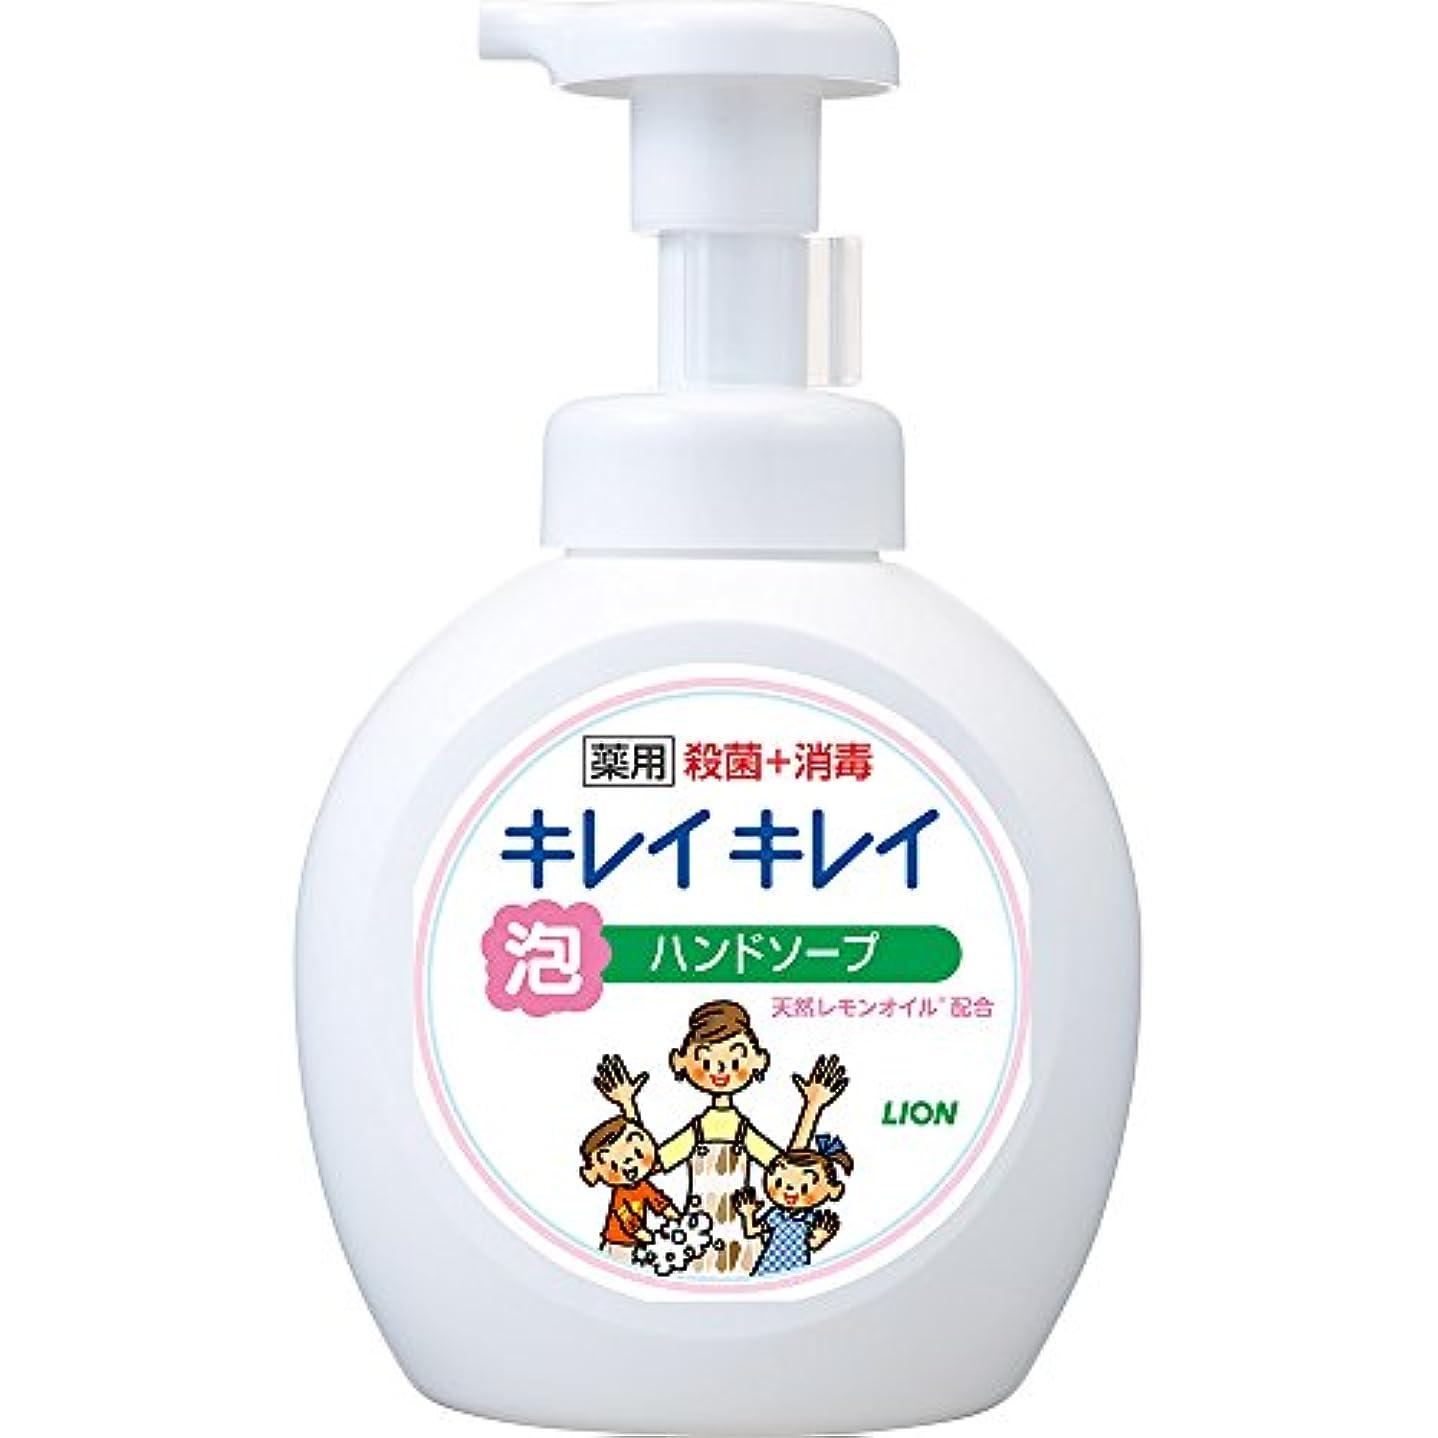 観察するマダム消去キレイキレイ 薬用 泡ハンドソープ シトラスフルーティの香り 本体ポンプ 大型サイズ 500ml(医薬部外品)